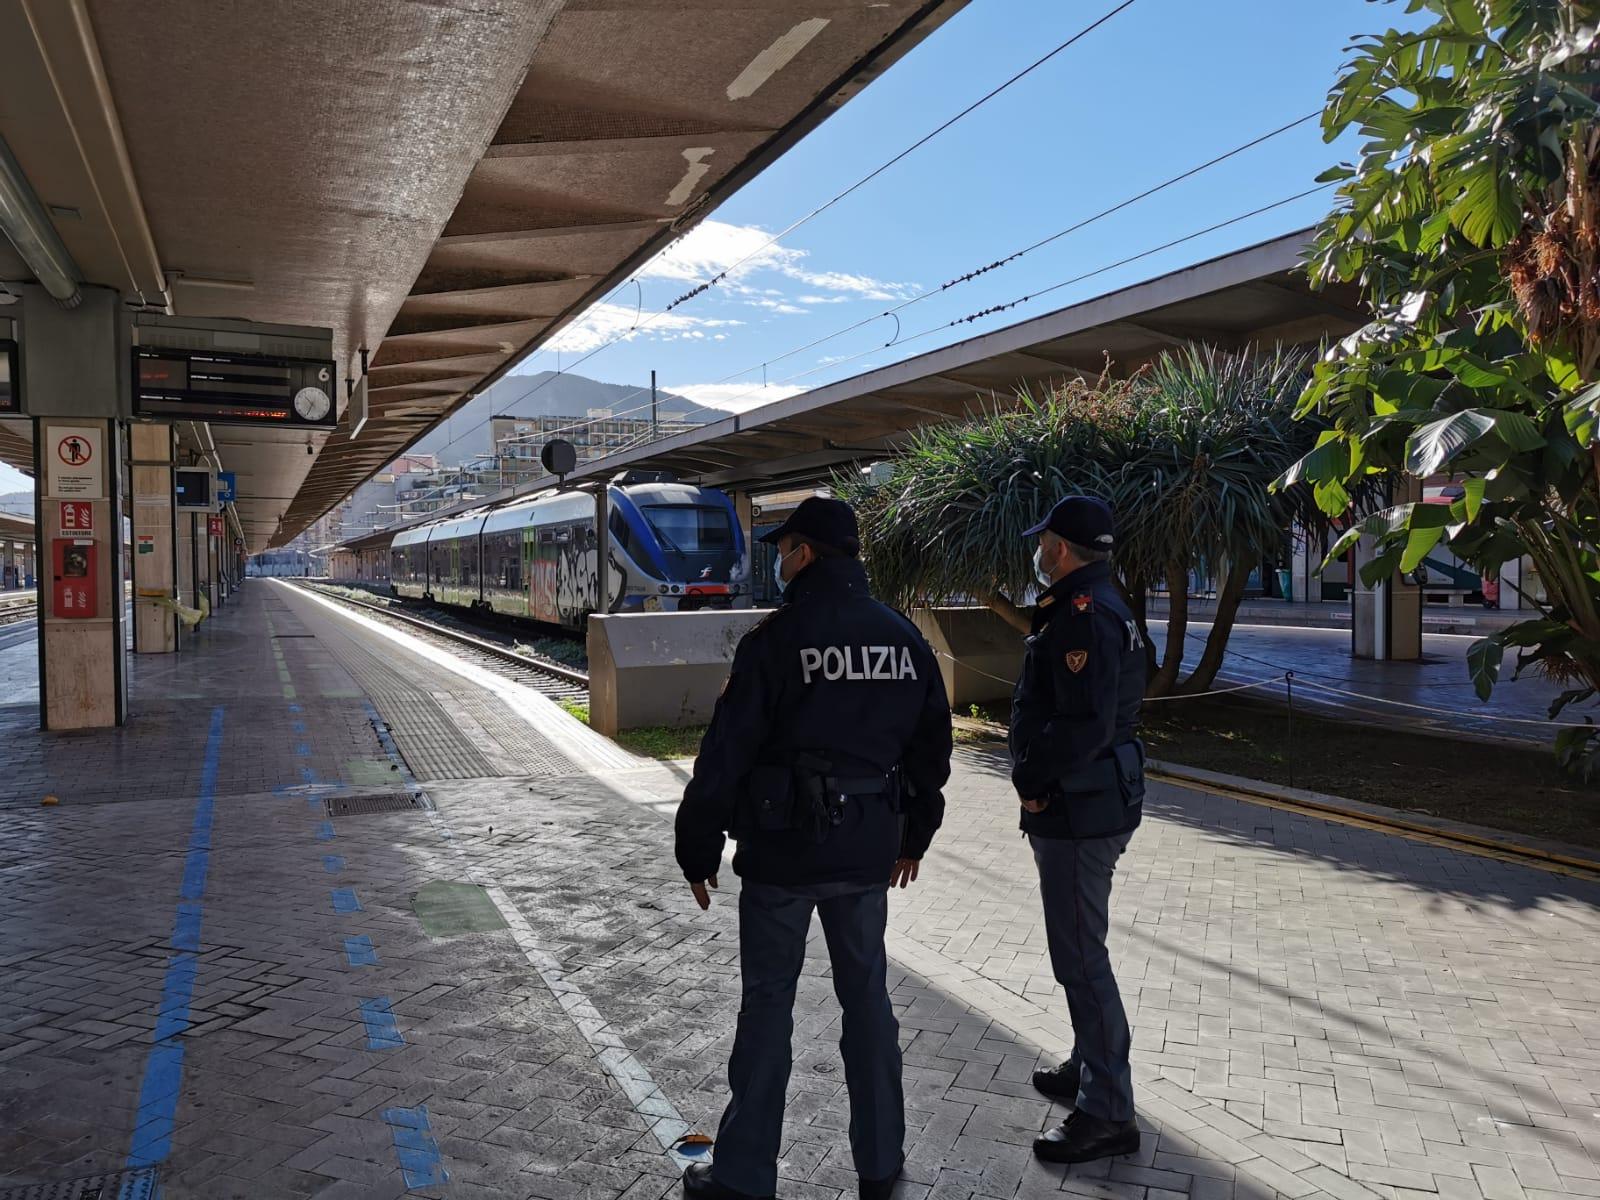 Rail Safe Day: Polizia contro i comportamenti pericolosi in ambito ferroviario, 377 identificati